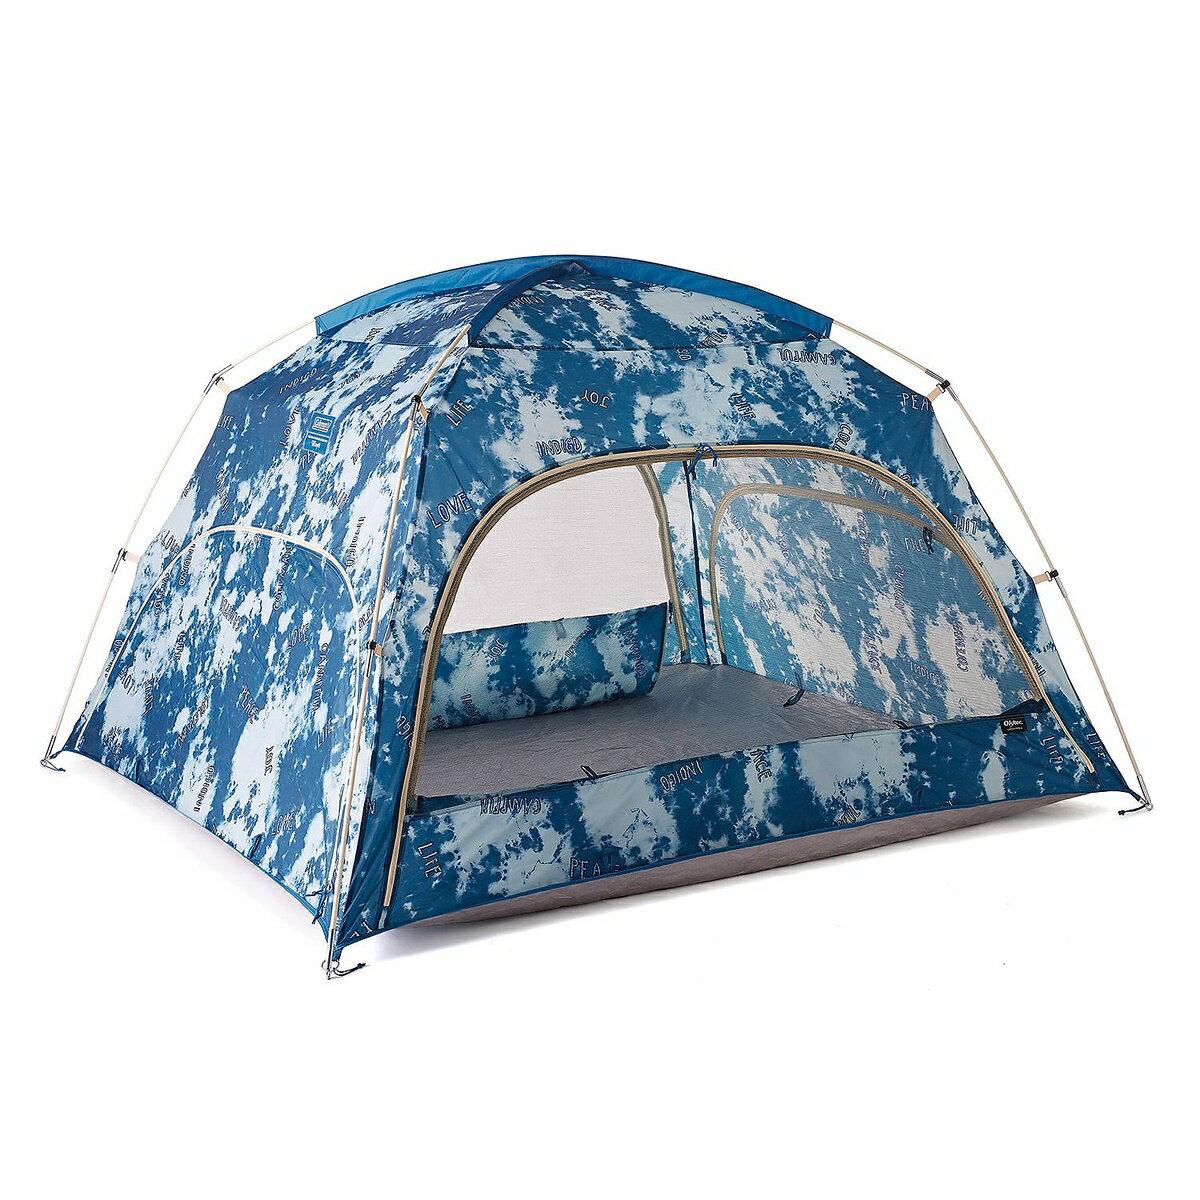 【送料無料】 COLEMAN (コールマン) キャンプ用品 サンシェード ILスクリーンIGシェード(タイダイ) 2000033130